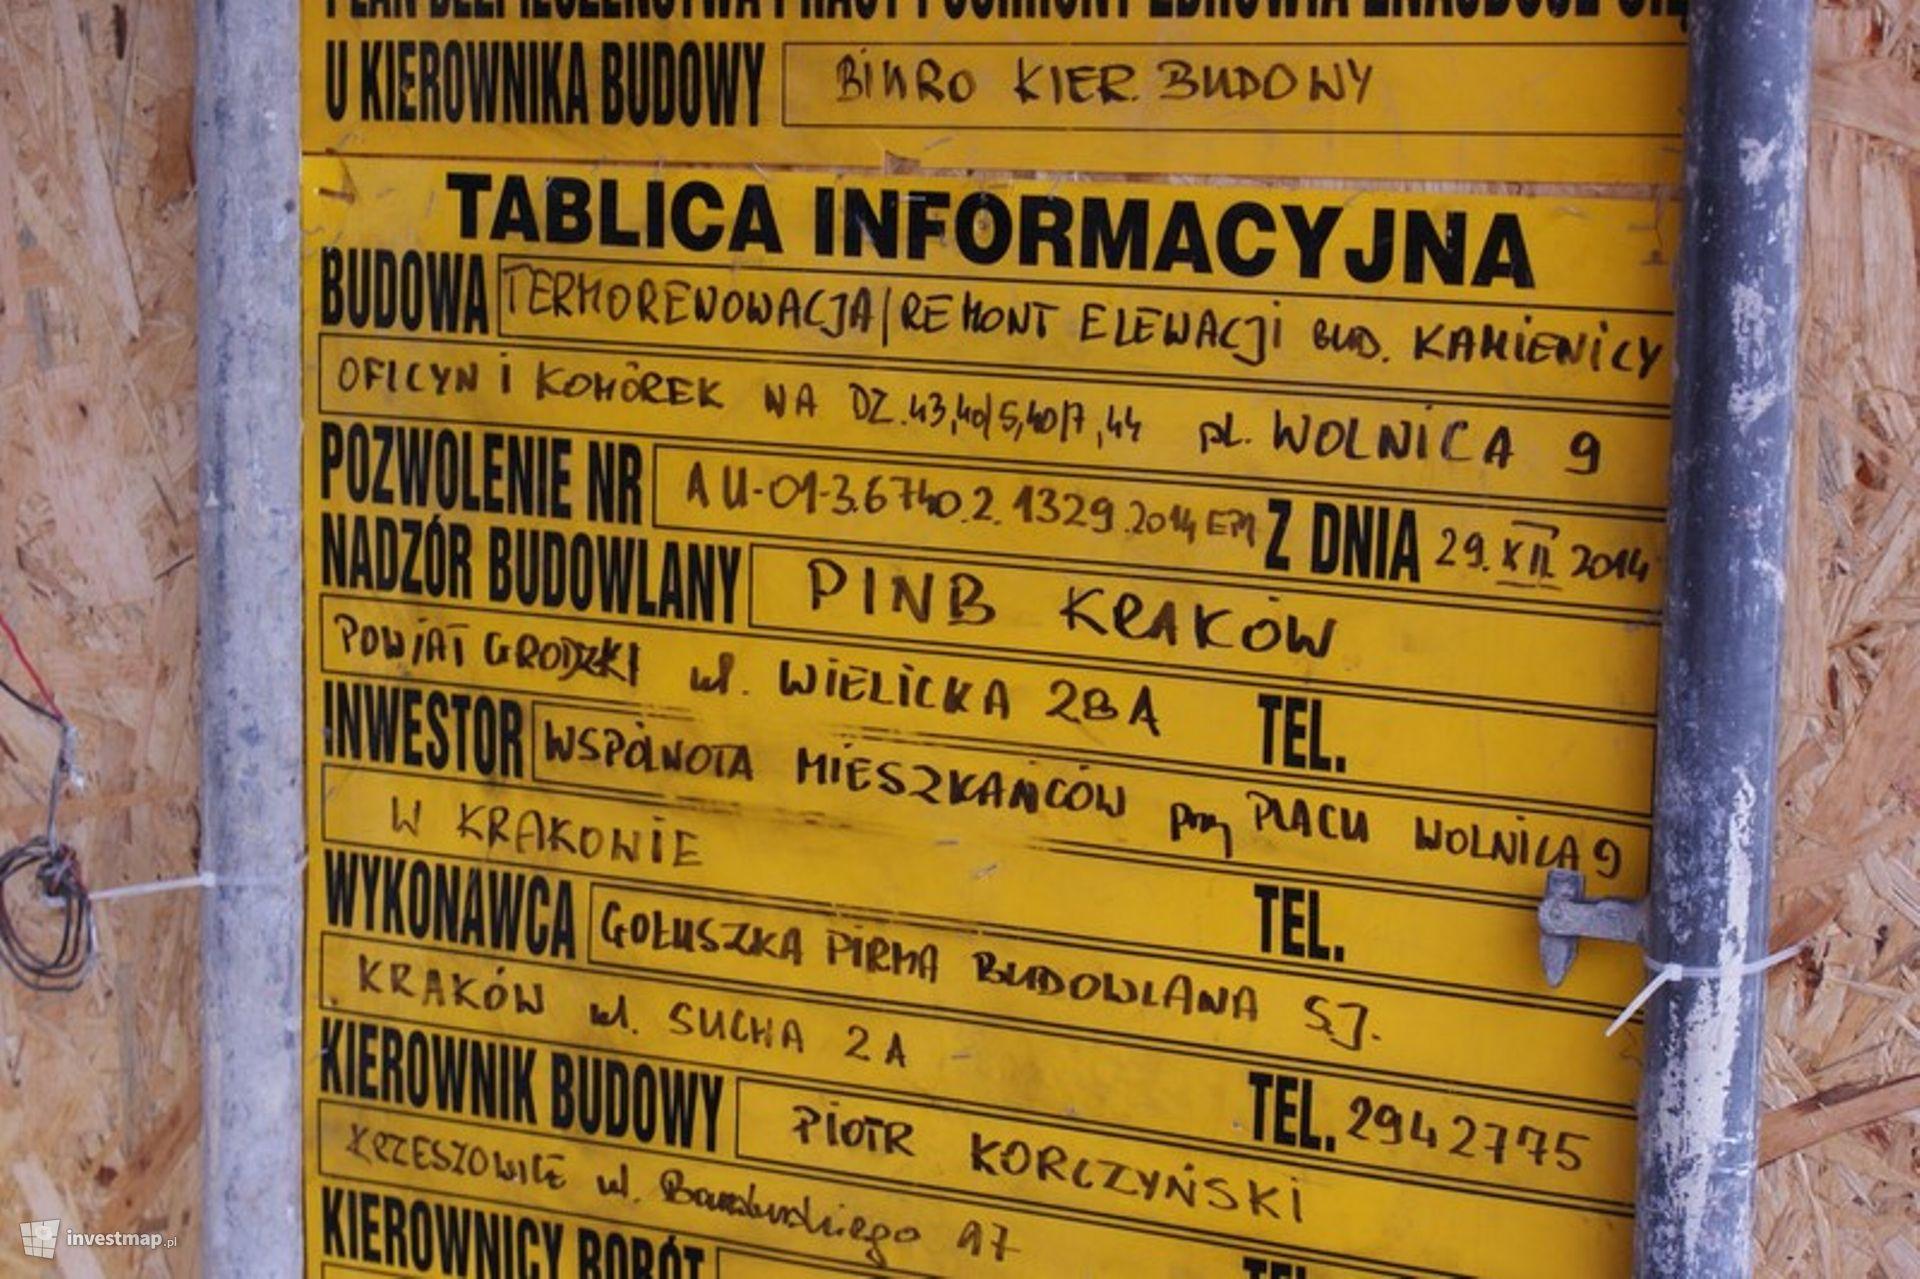 Remont Elewacji, Plac Wolnica 9